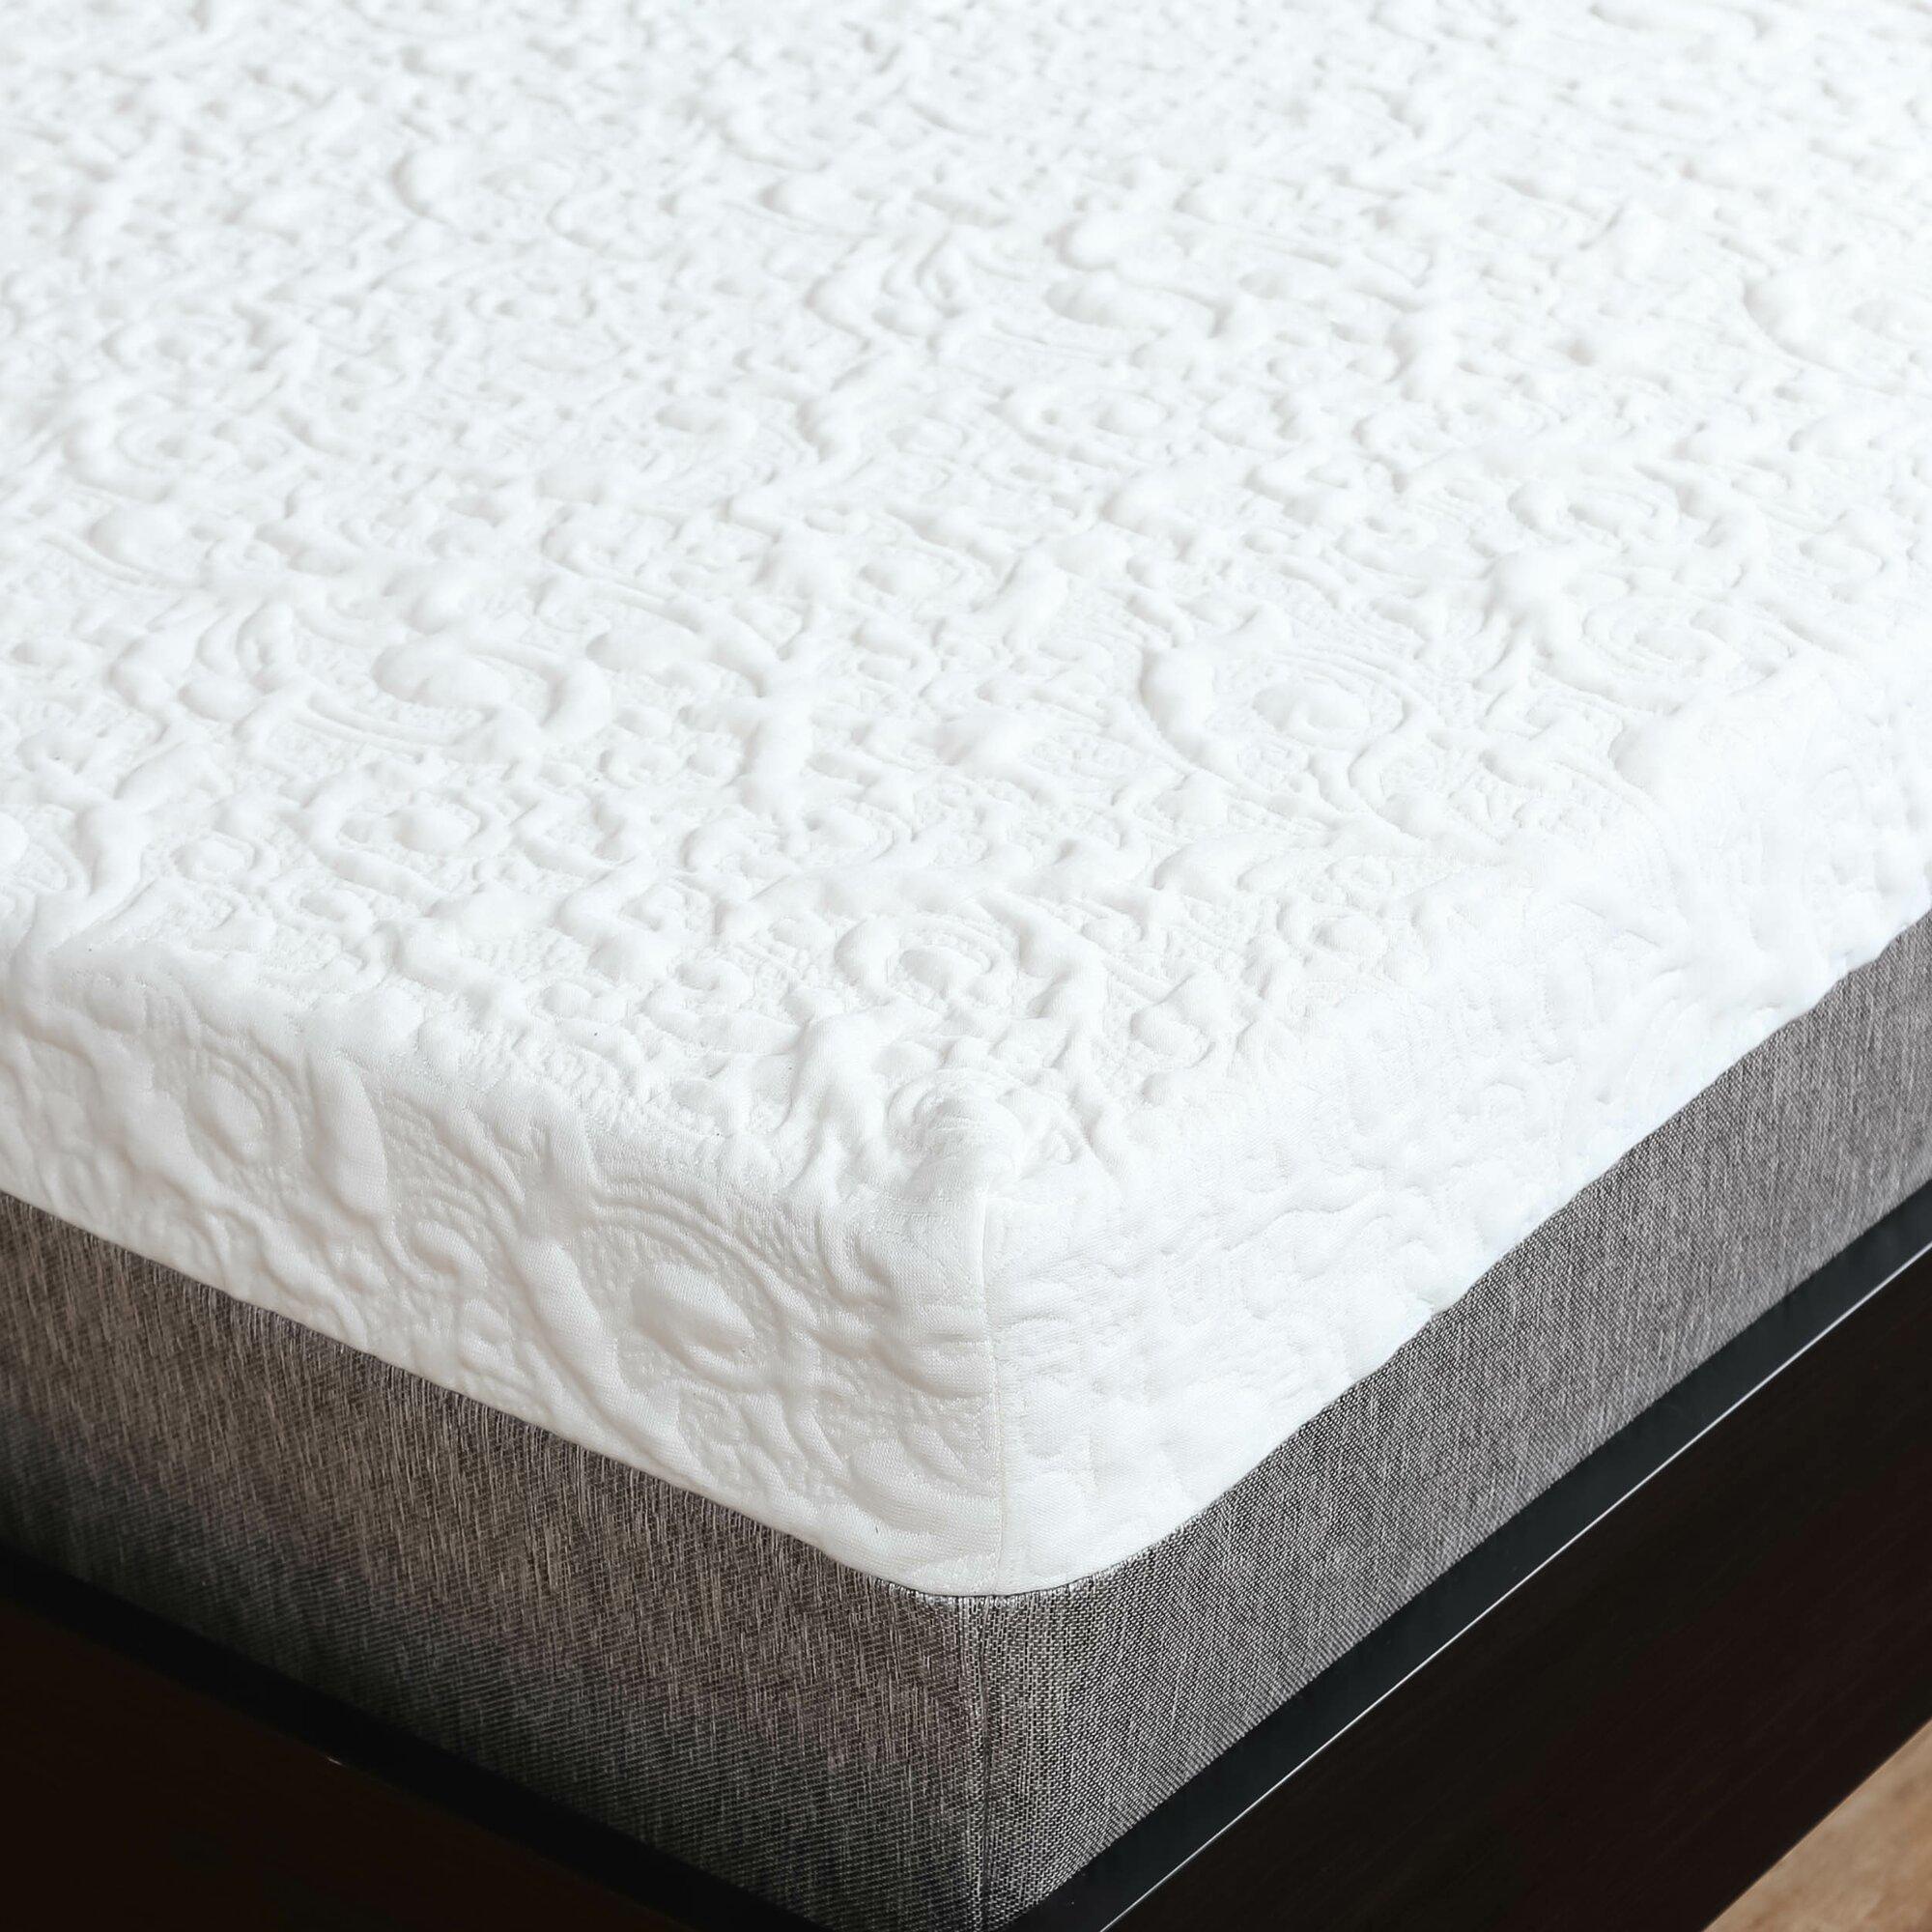 Designed To Sleep Embrace 10 Medium Firm Gel Memory Foam Mattress Reviews